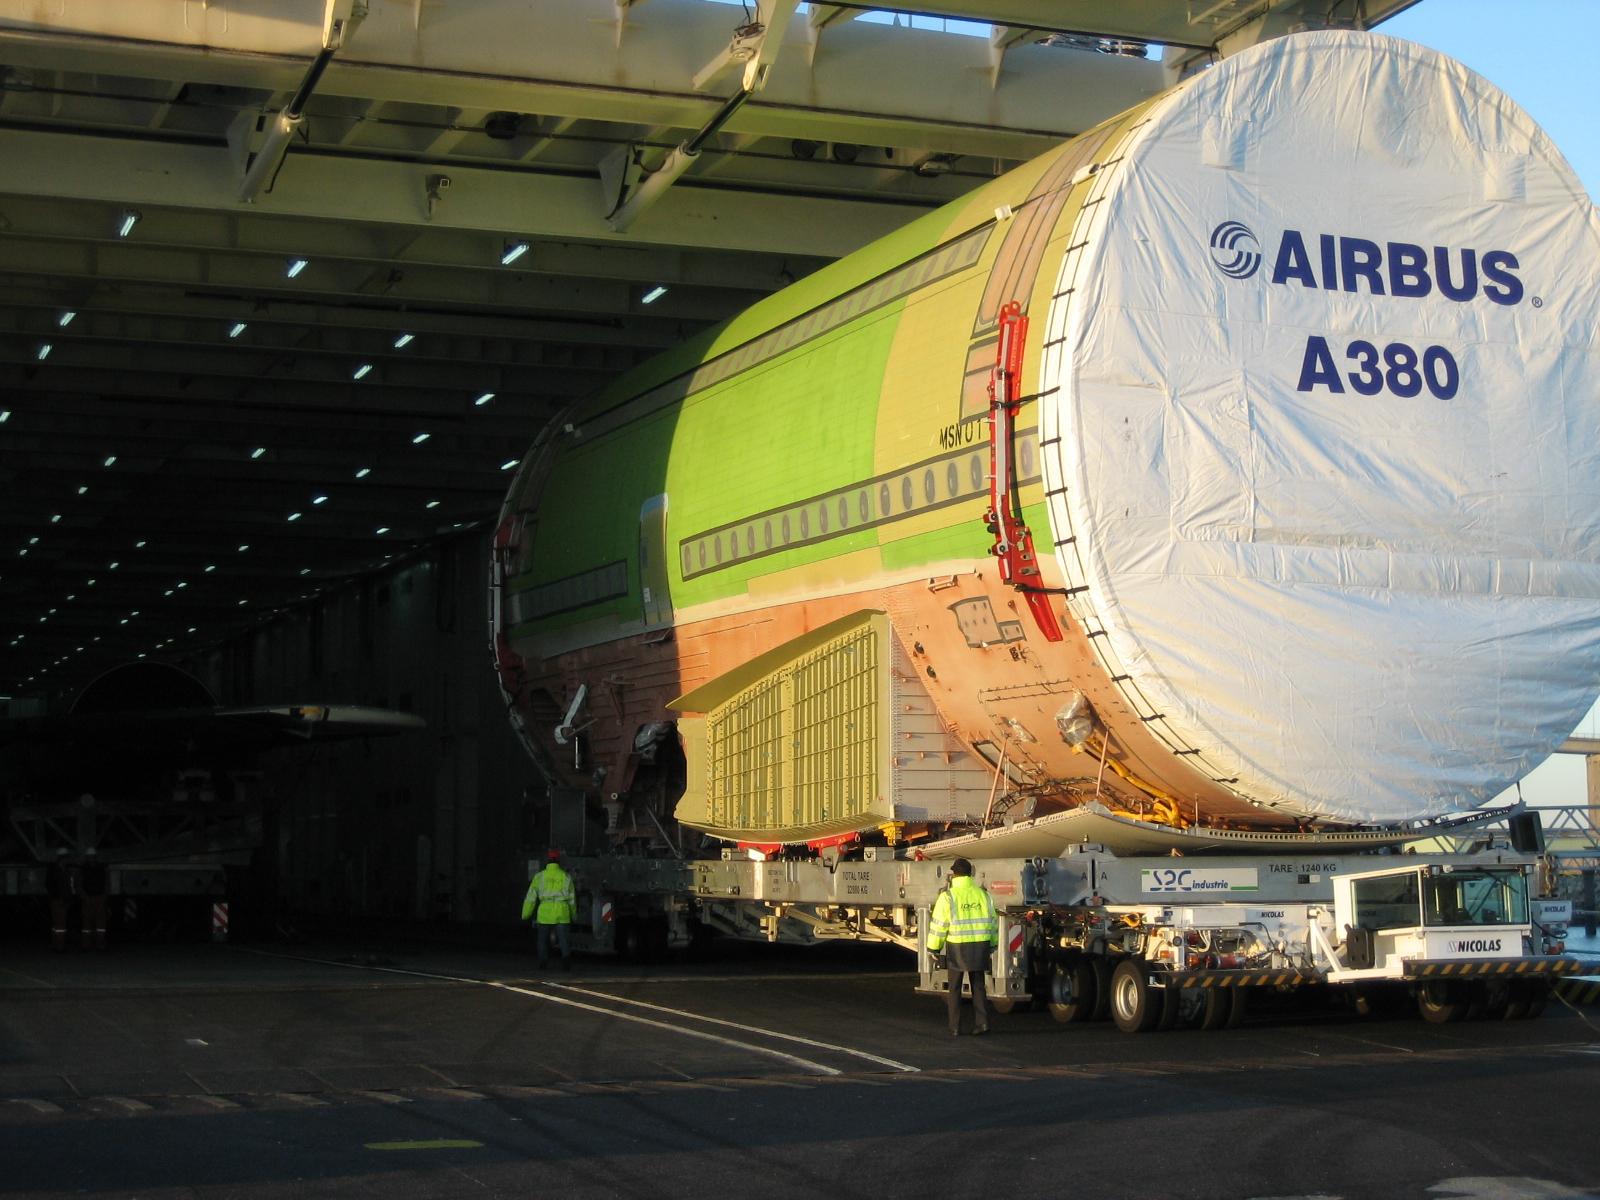 Airbus A380 Ville de Bordeaux